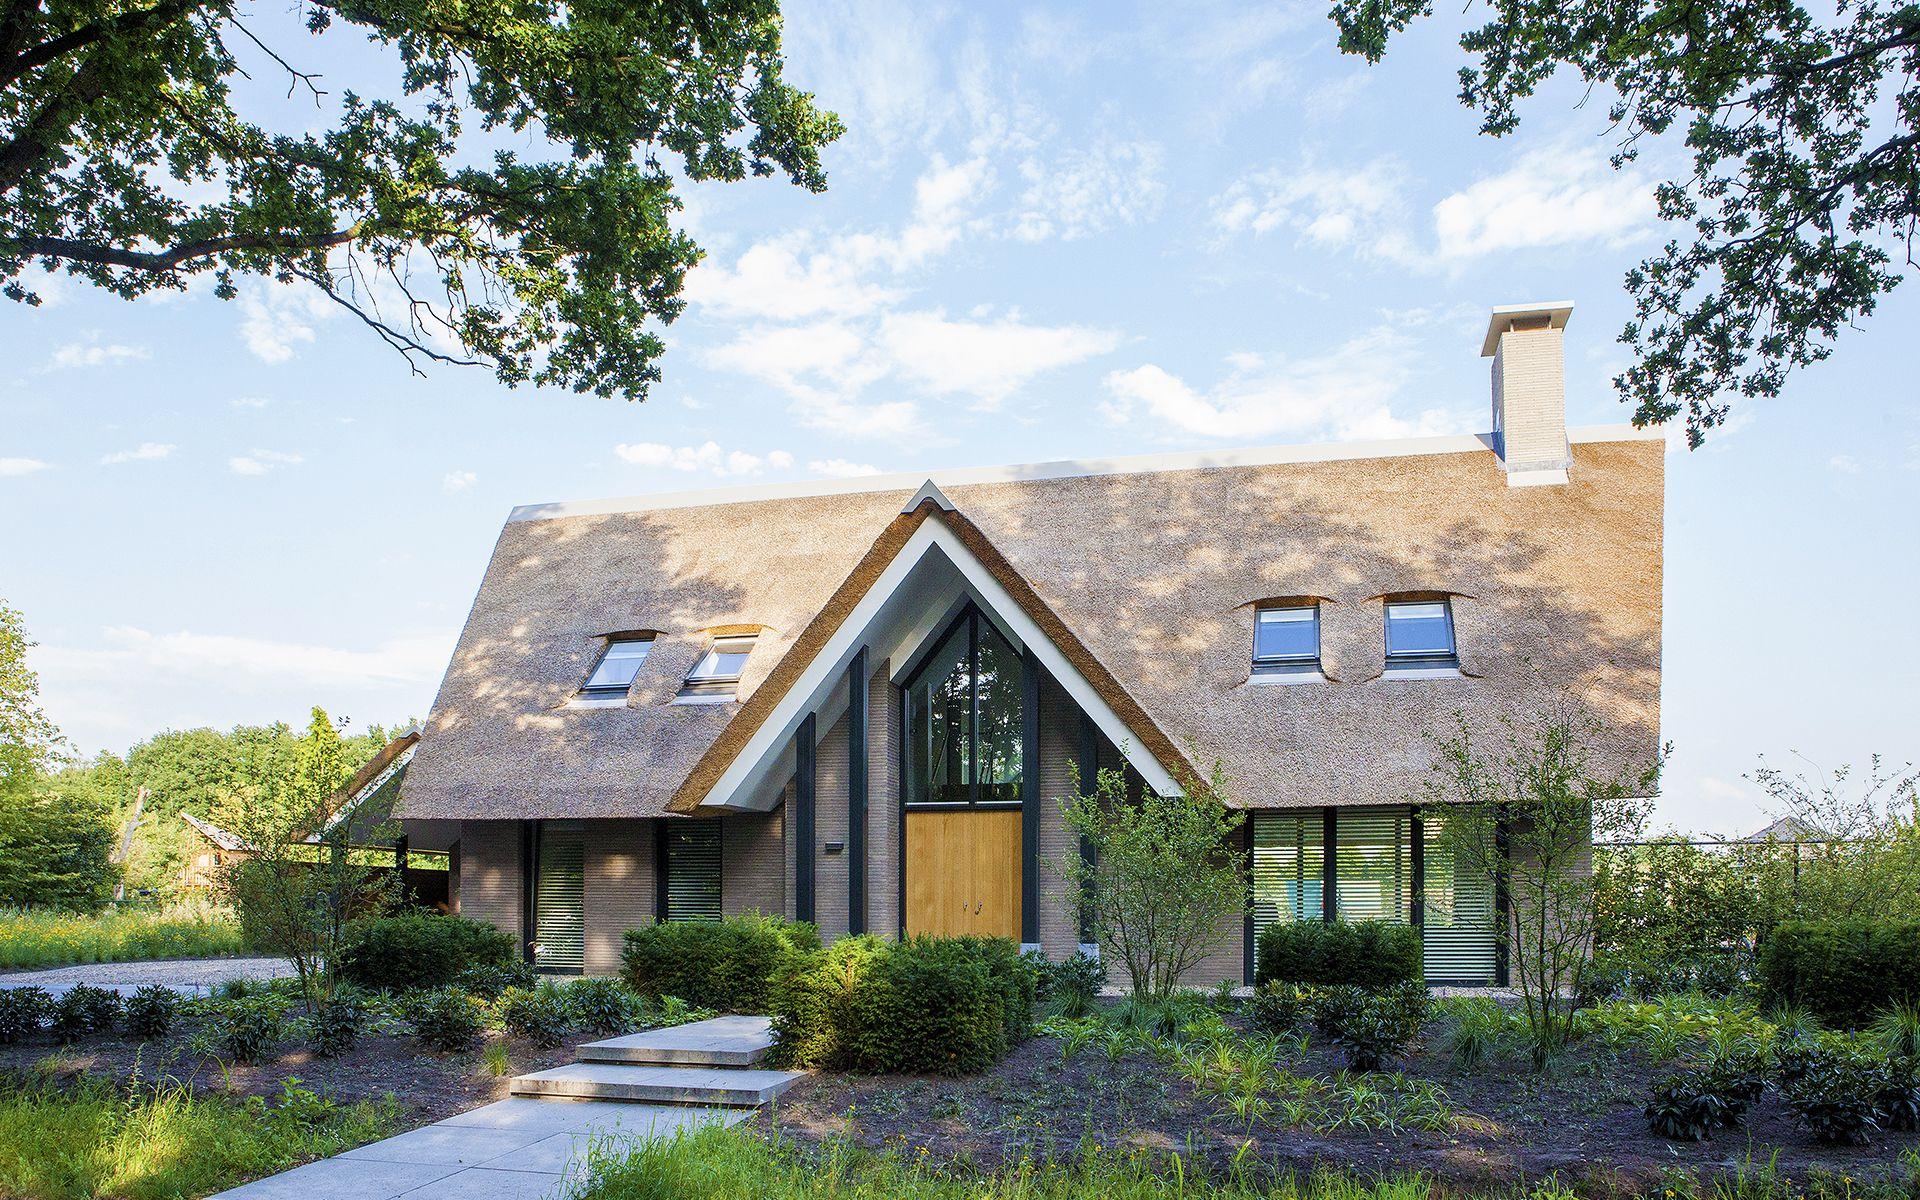 Eigentijdse villa een strakke landelijke villa met een modern